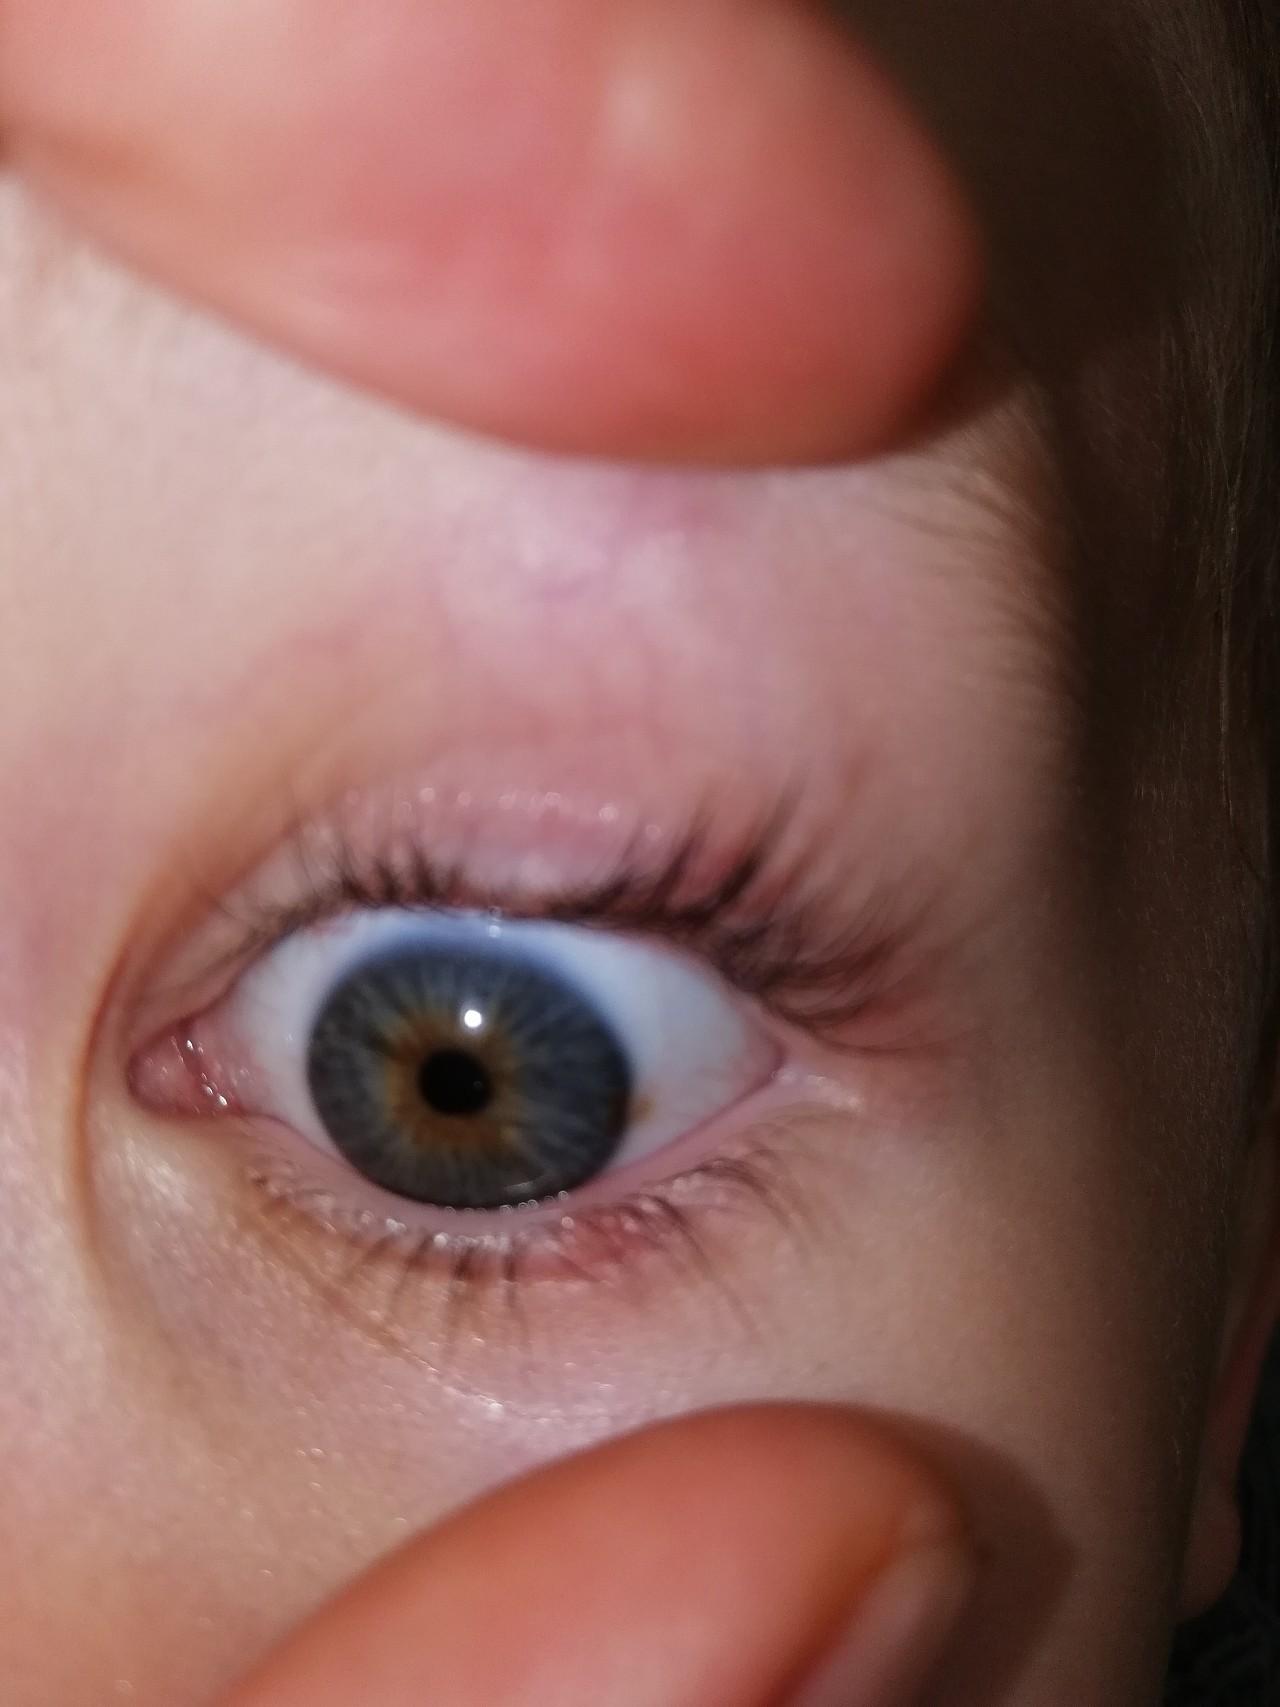 Потому что внутренняя часть век покрыта жидкостью и при прищуривании глаза,эта жидкость попадает на глаза и раскладывает свет по спектрам,что делает изображение радужным.